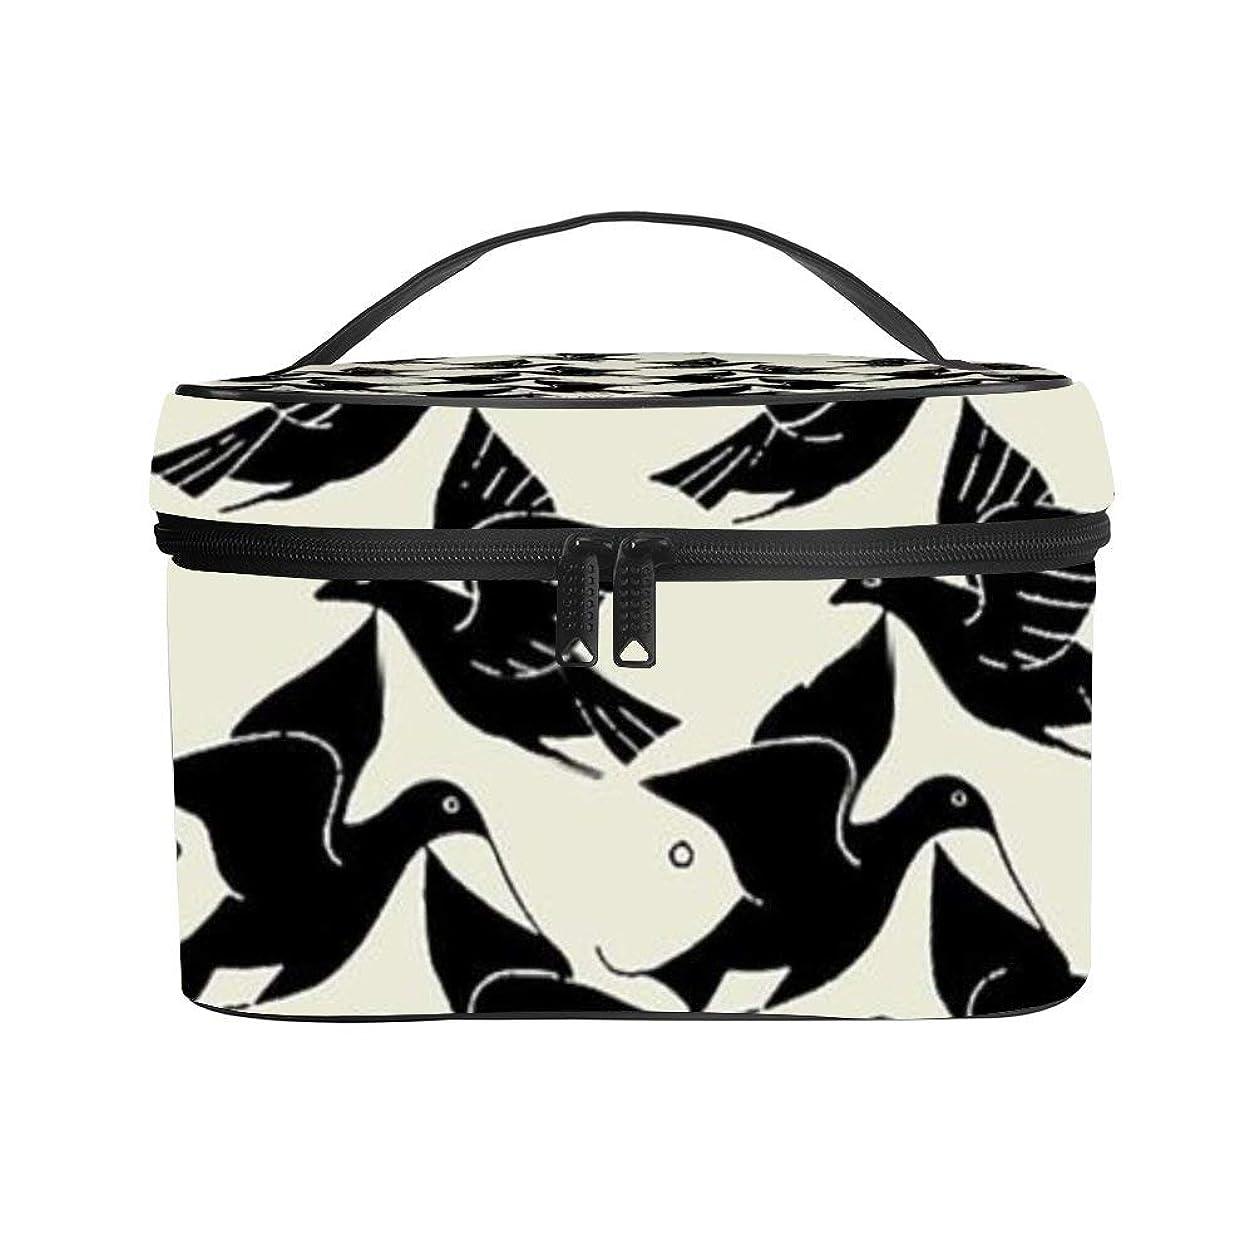 素晴らしきによってバッグ化粧ポーチ 化粧ケース メイクアップケース コスメポーチ 魚 鳥 コスメバッグ メイクポーチ 化粧ボックス メイクボックス メイクケース トラベルポーチ